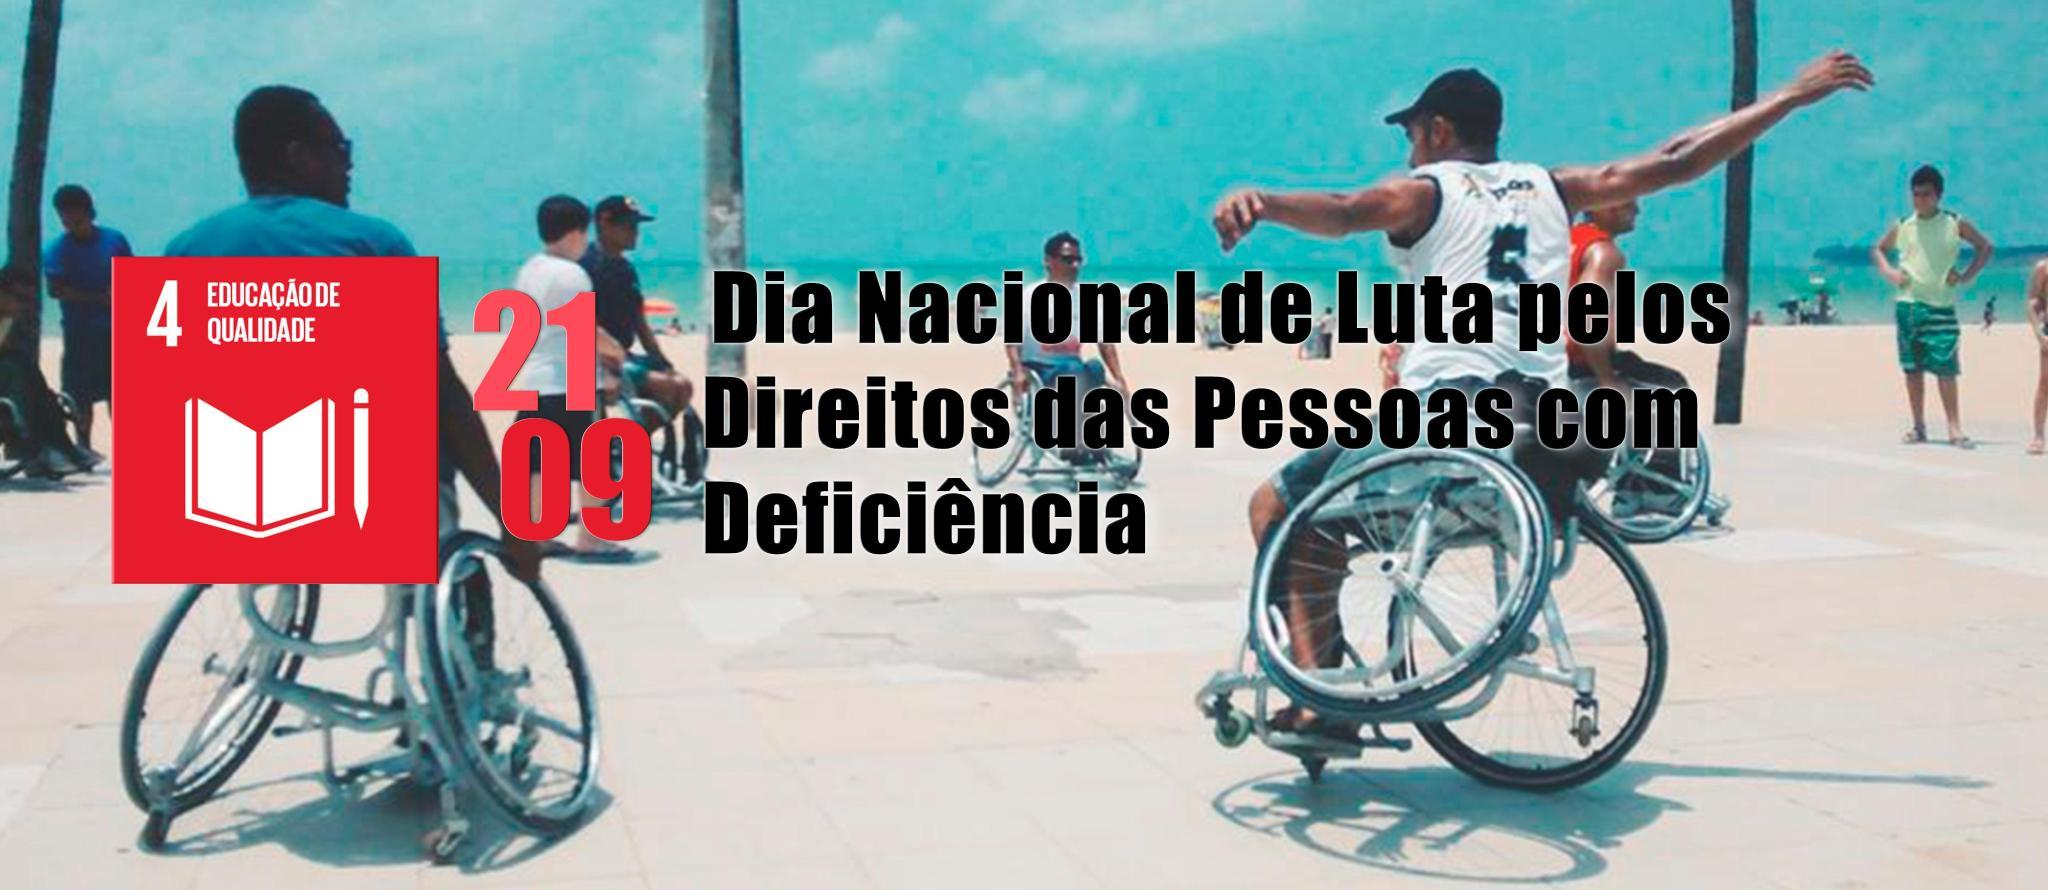 Dia Nacional de Luta pelos Direitos das Pessoas com Defici�ncias